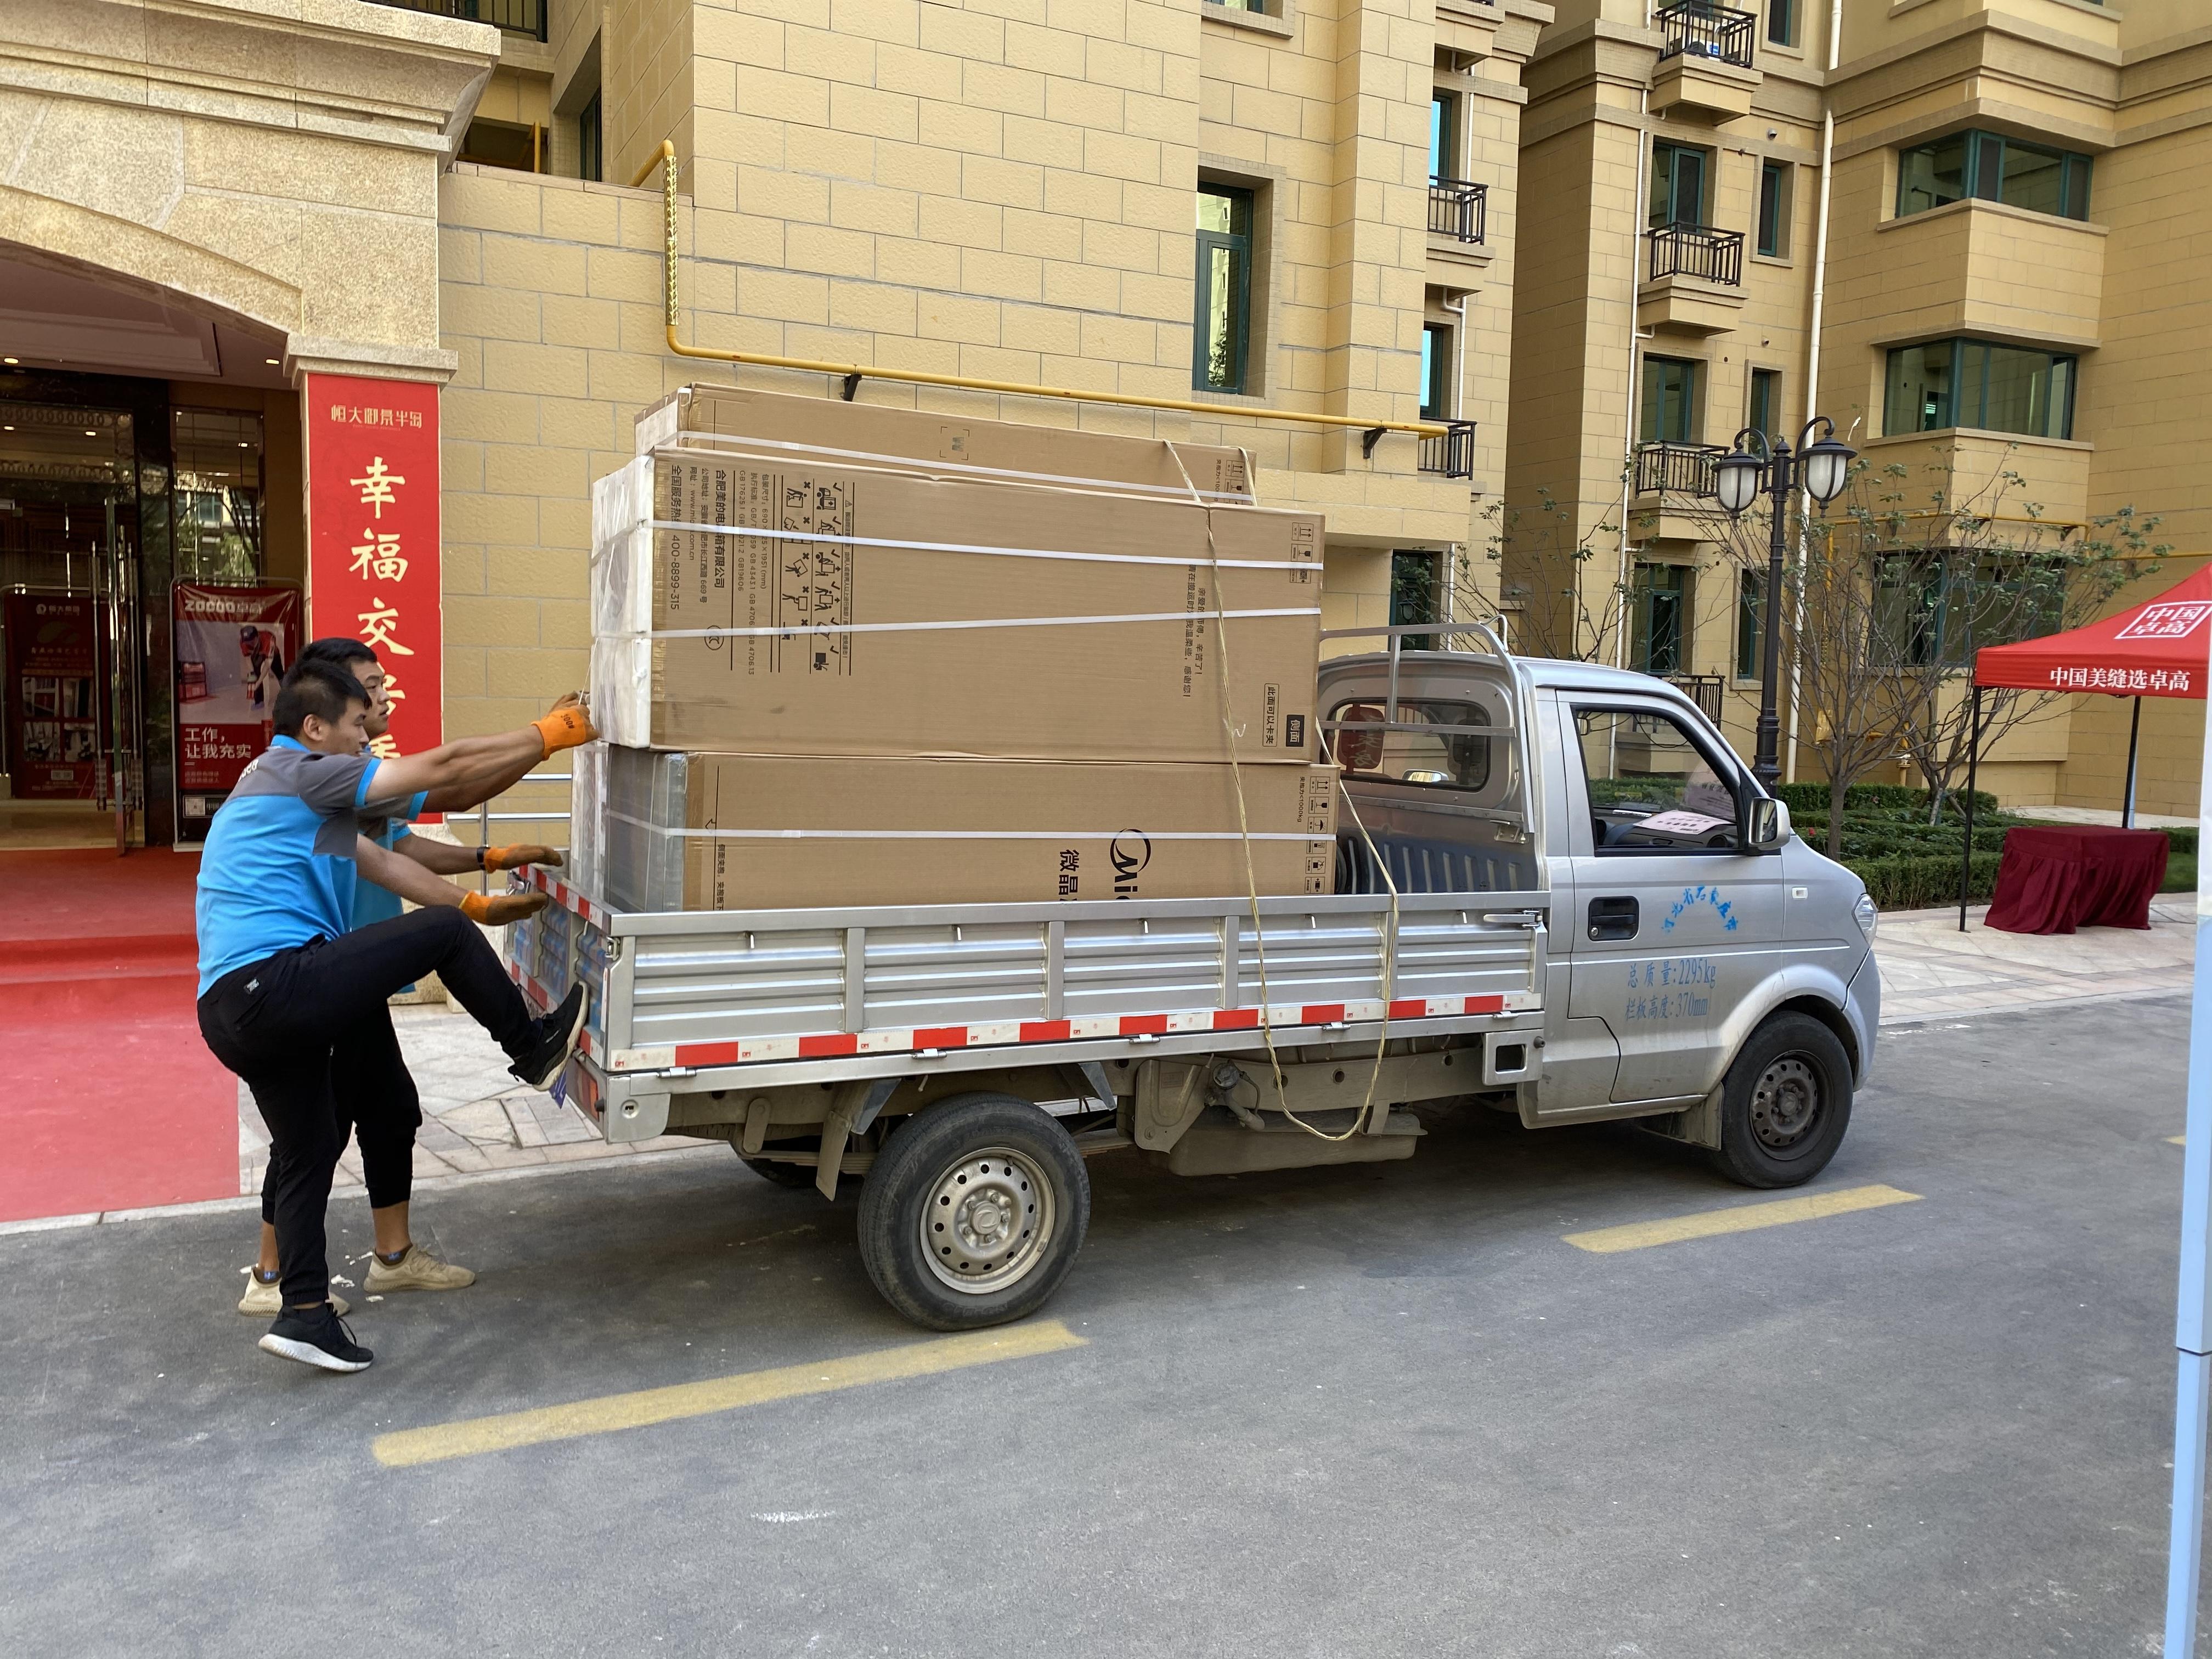 冰箱能不能放平运输?刚搬回家的冰箱,需要注意些什么?